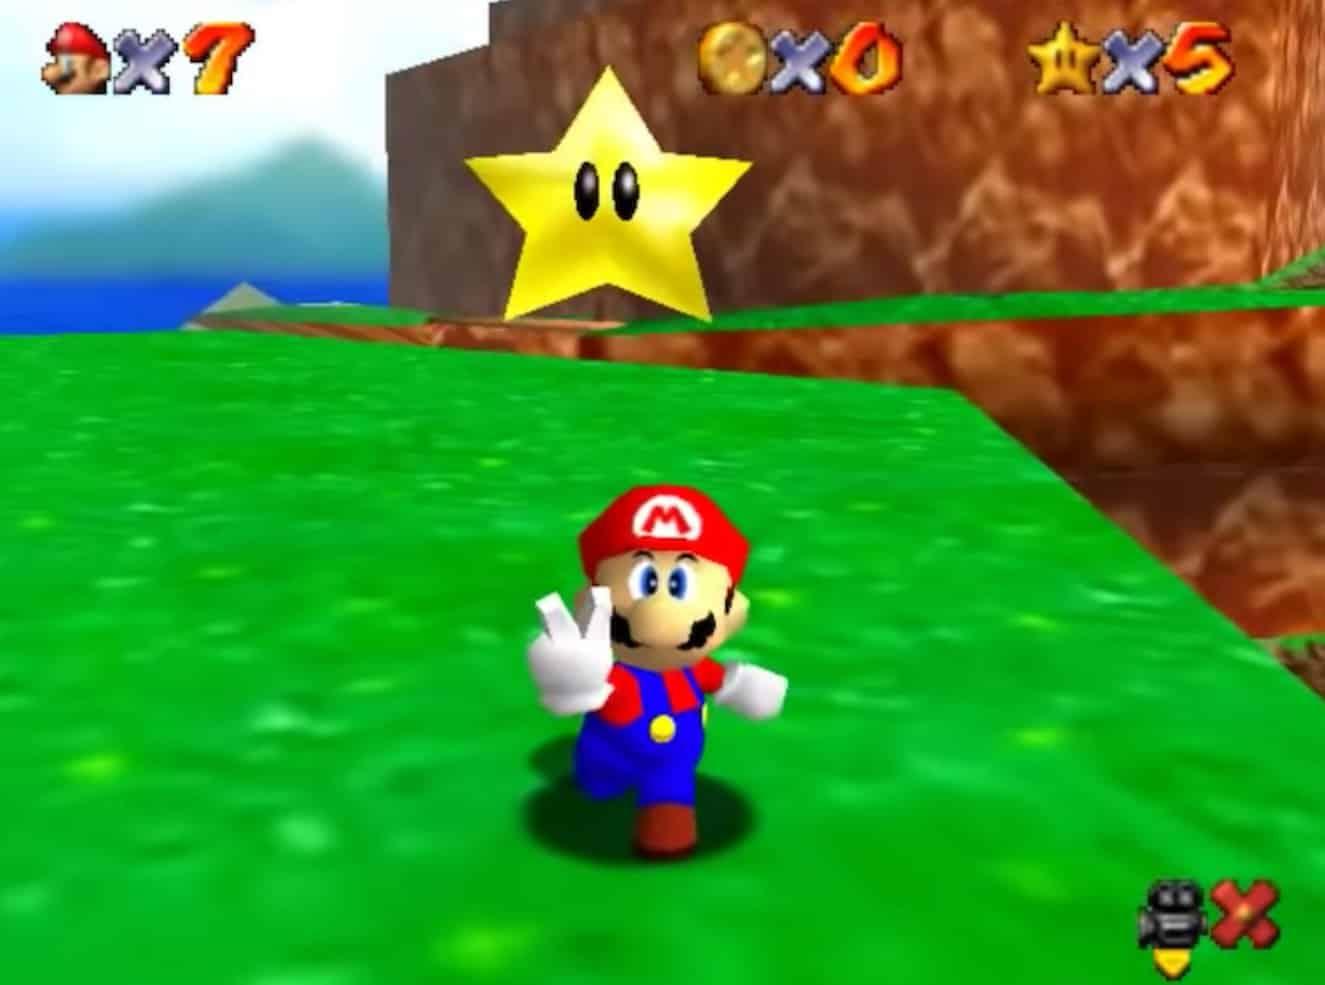 Super Mario 64 remaster Super Mario Bros. 35th anniversary Nintendo